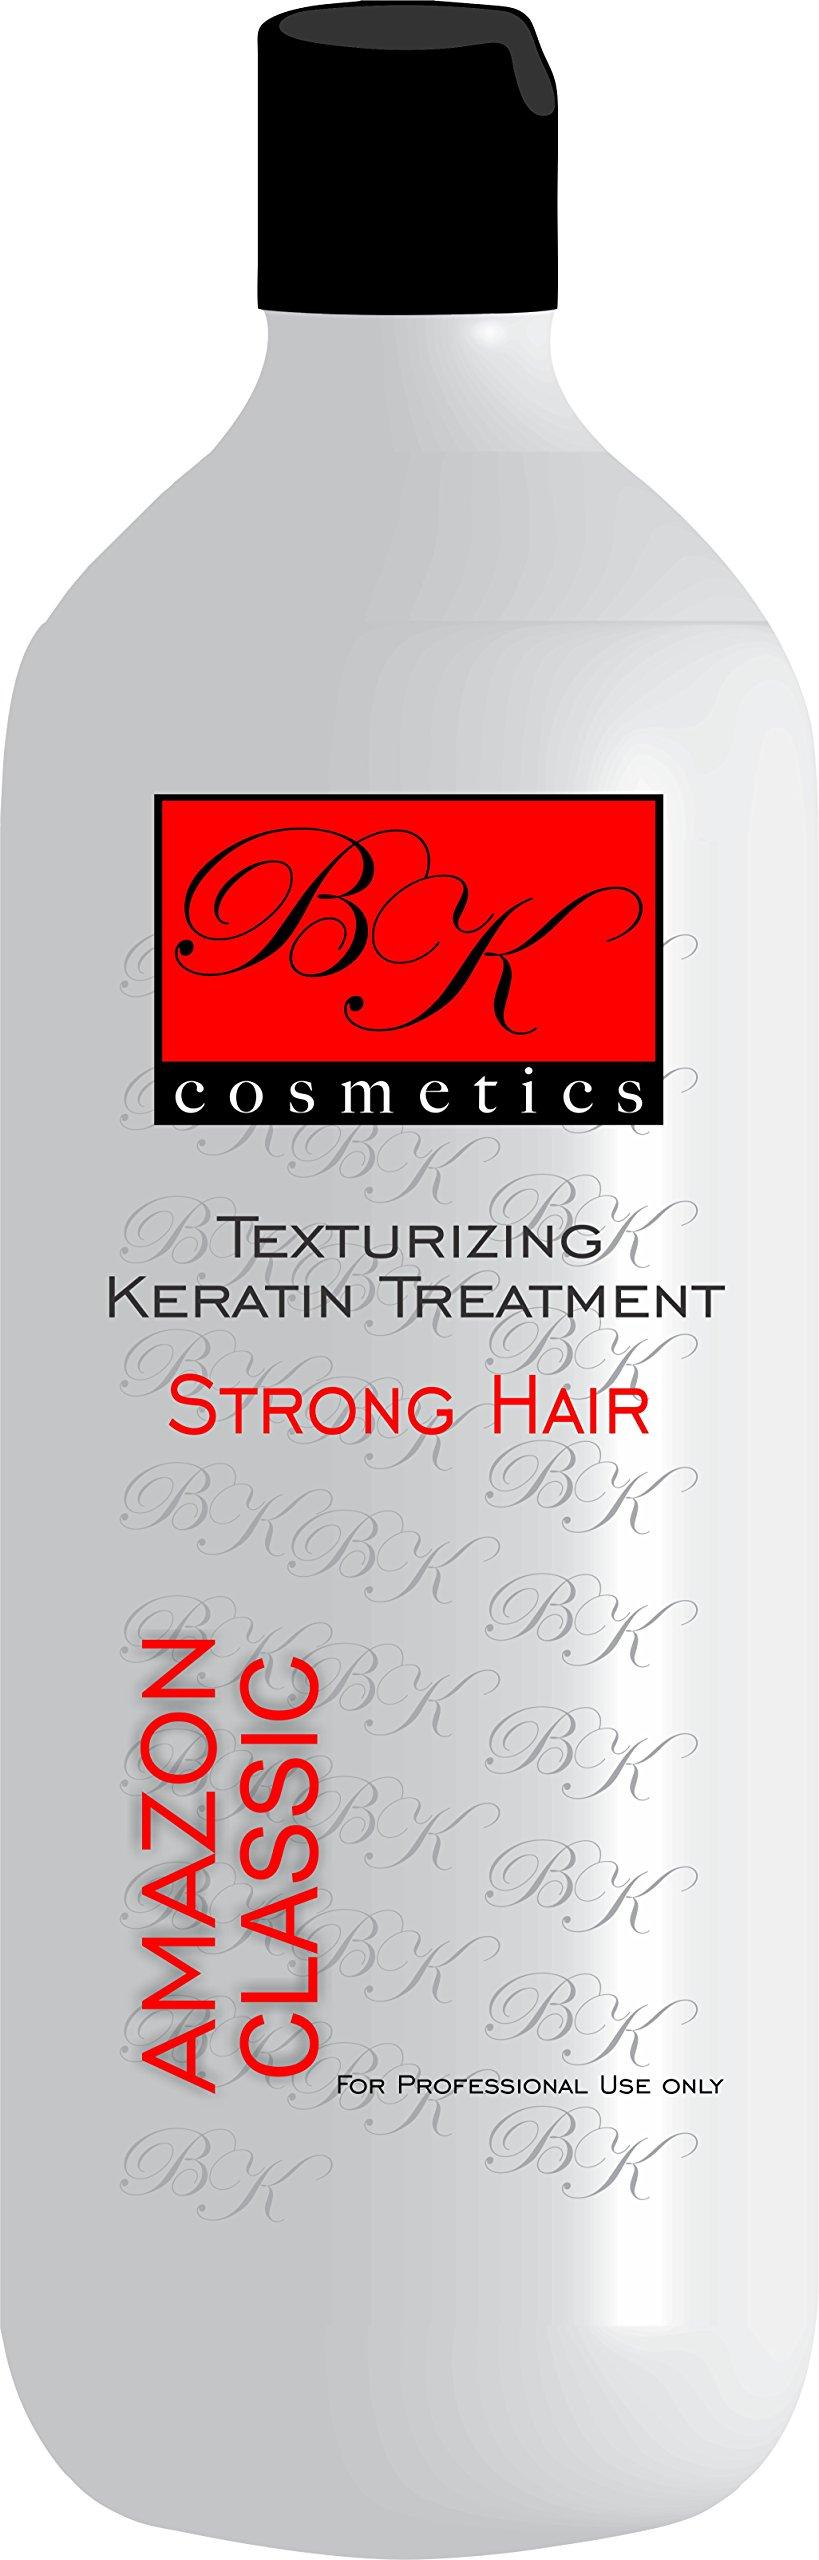 Keratin BK Cosmetics AmazonClassic (Strong) Hair Treatment 33.8 Oz